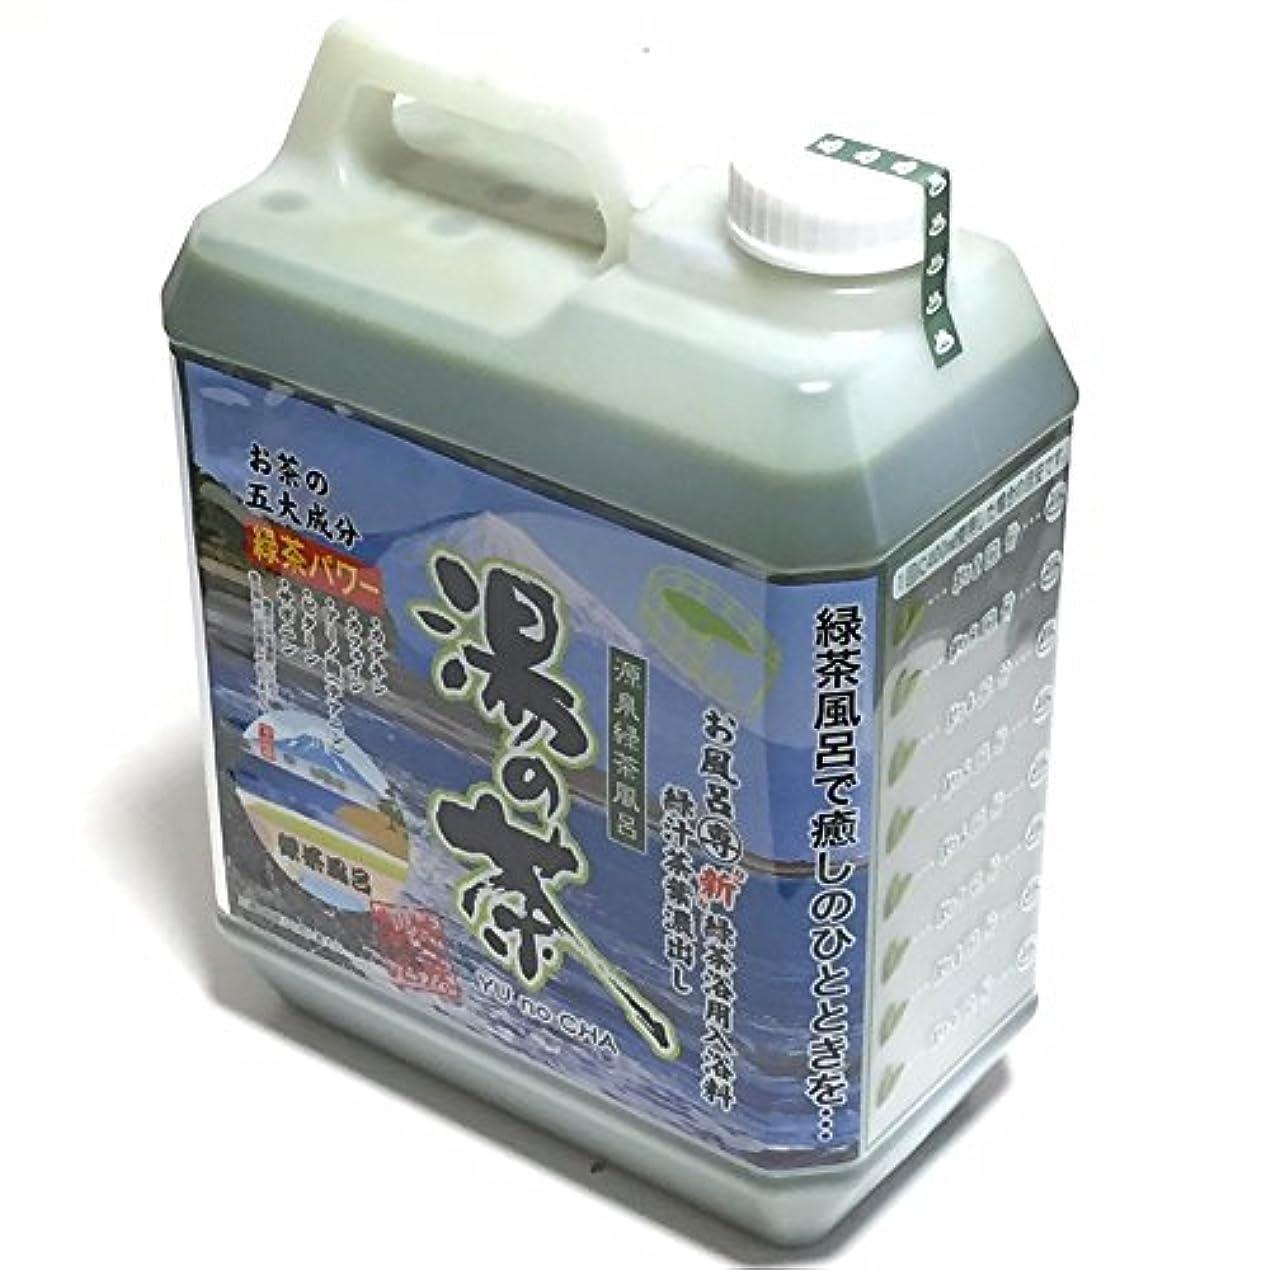 あごひげ待って大混乱緑茶のお風呂に入ろう??静岡茶葉100% 高濃度カテキン 緑茶入浴化粧品 湯の茶 大容量4リットル